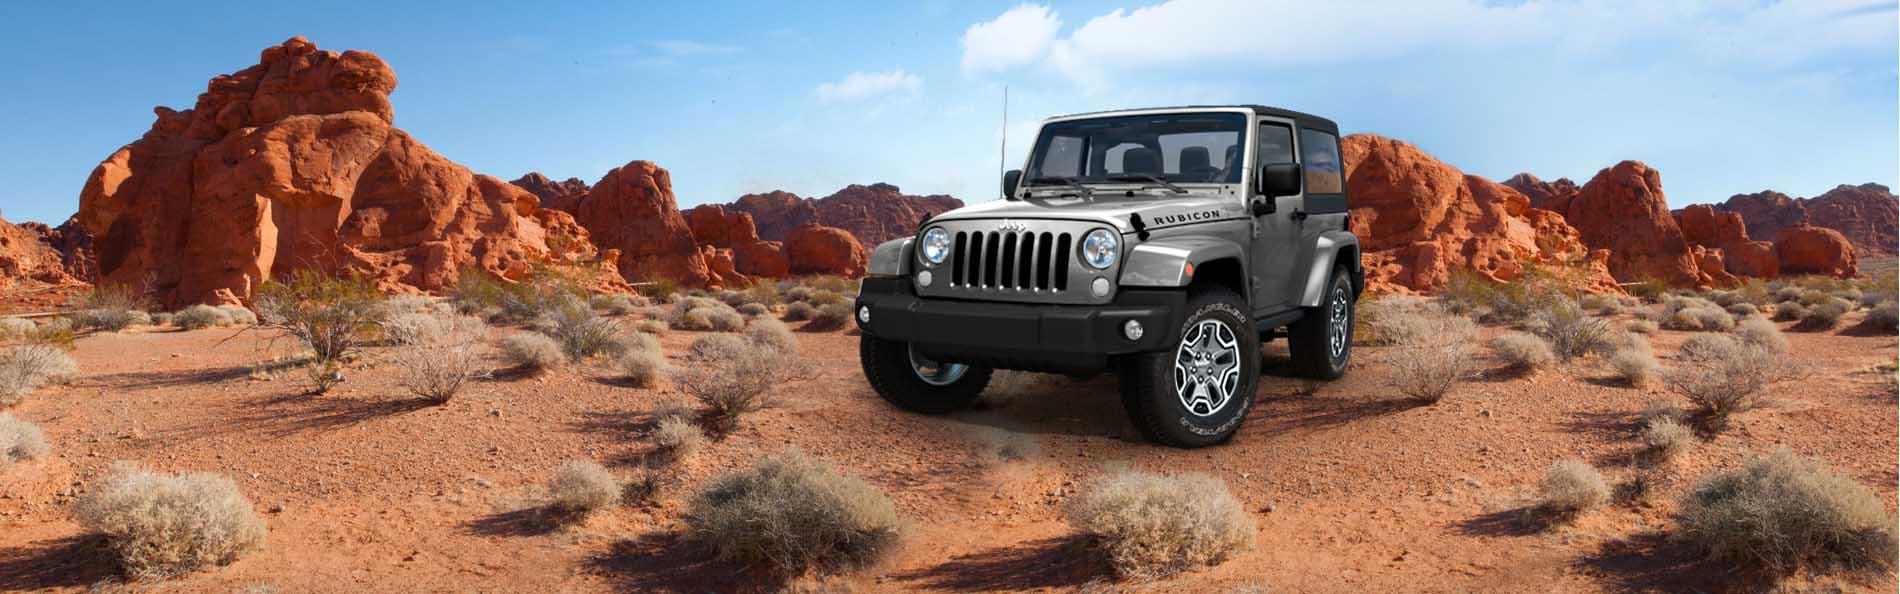 Jeep Hero